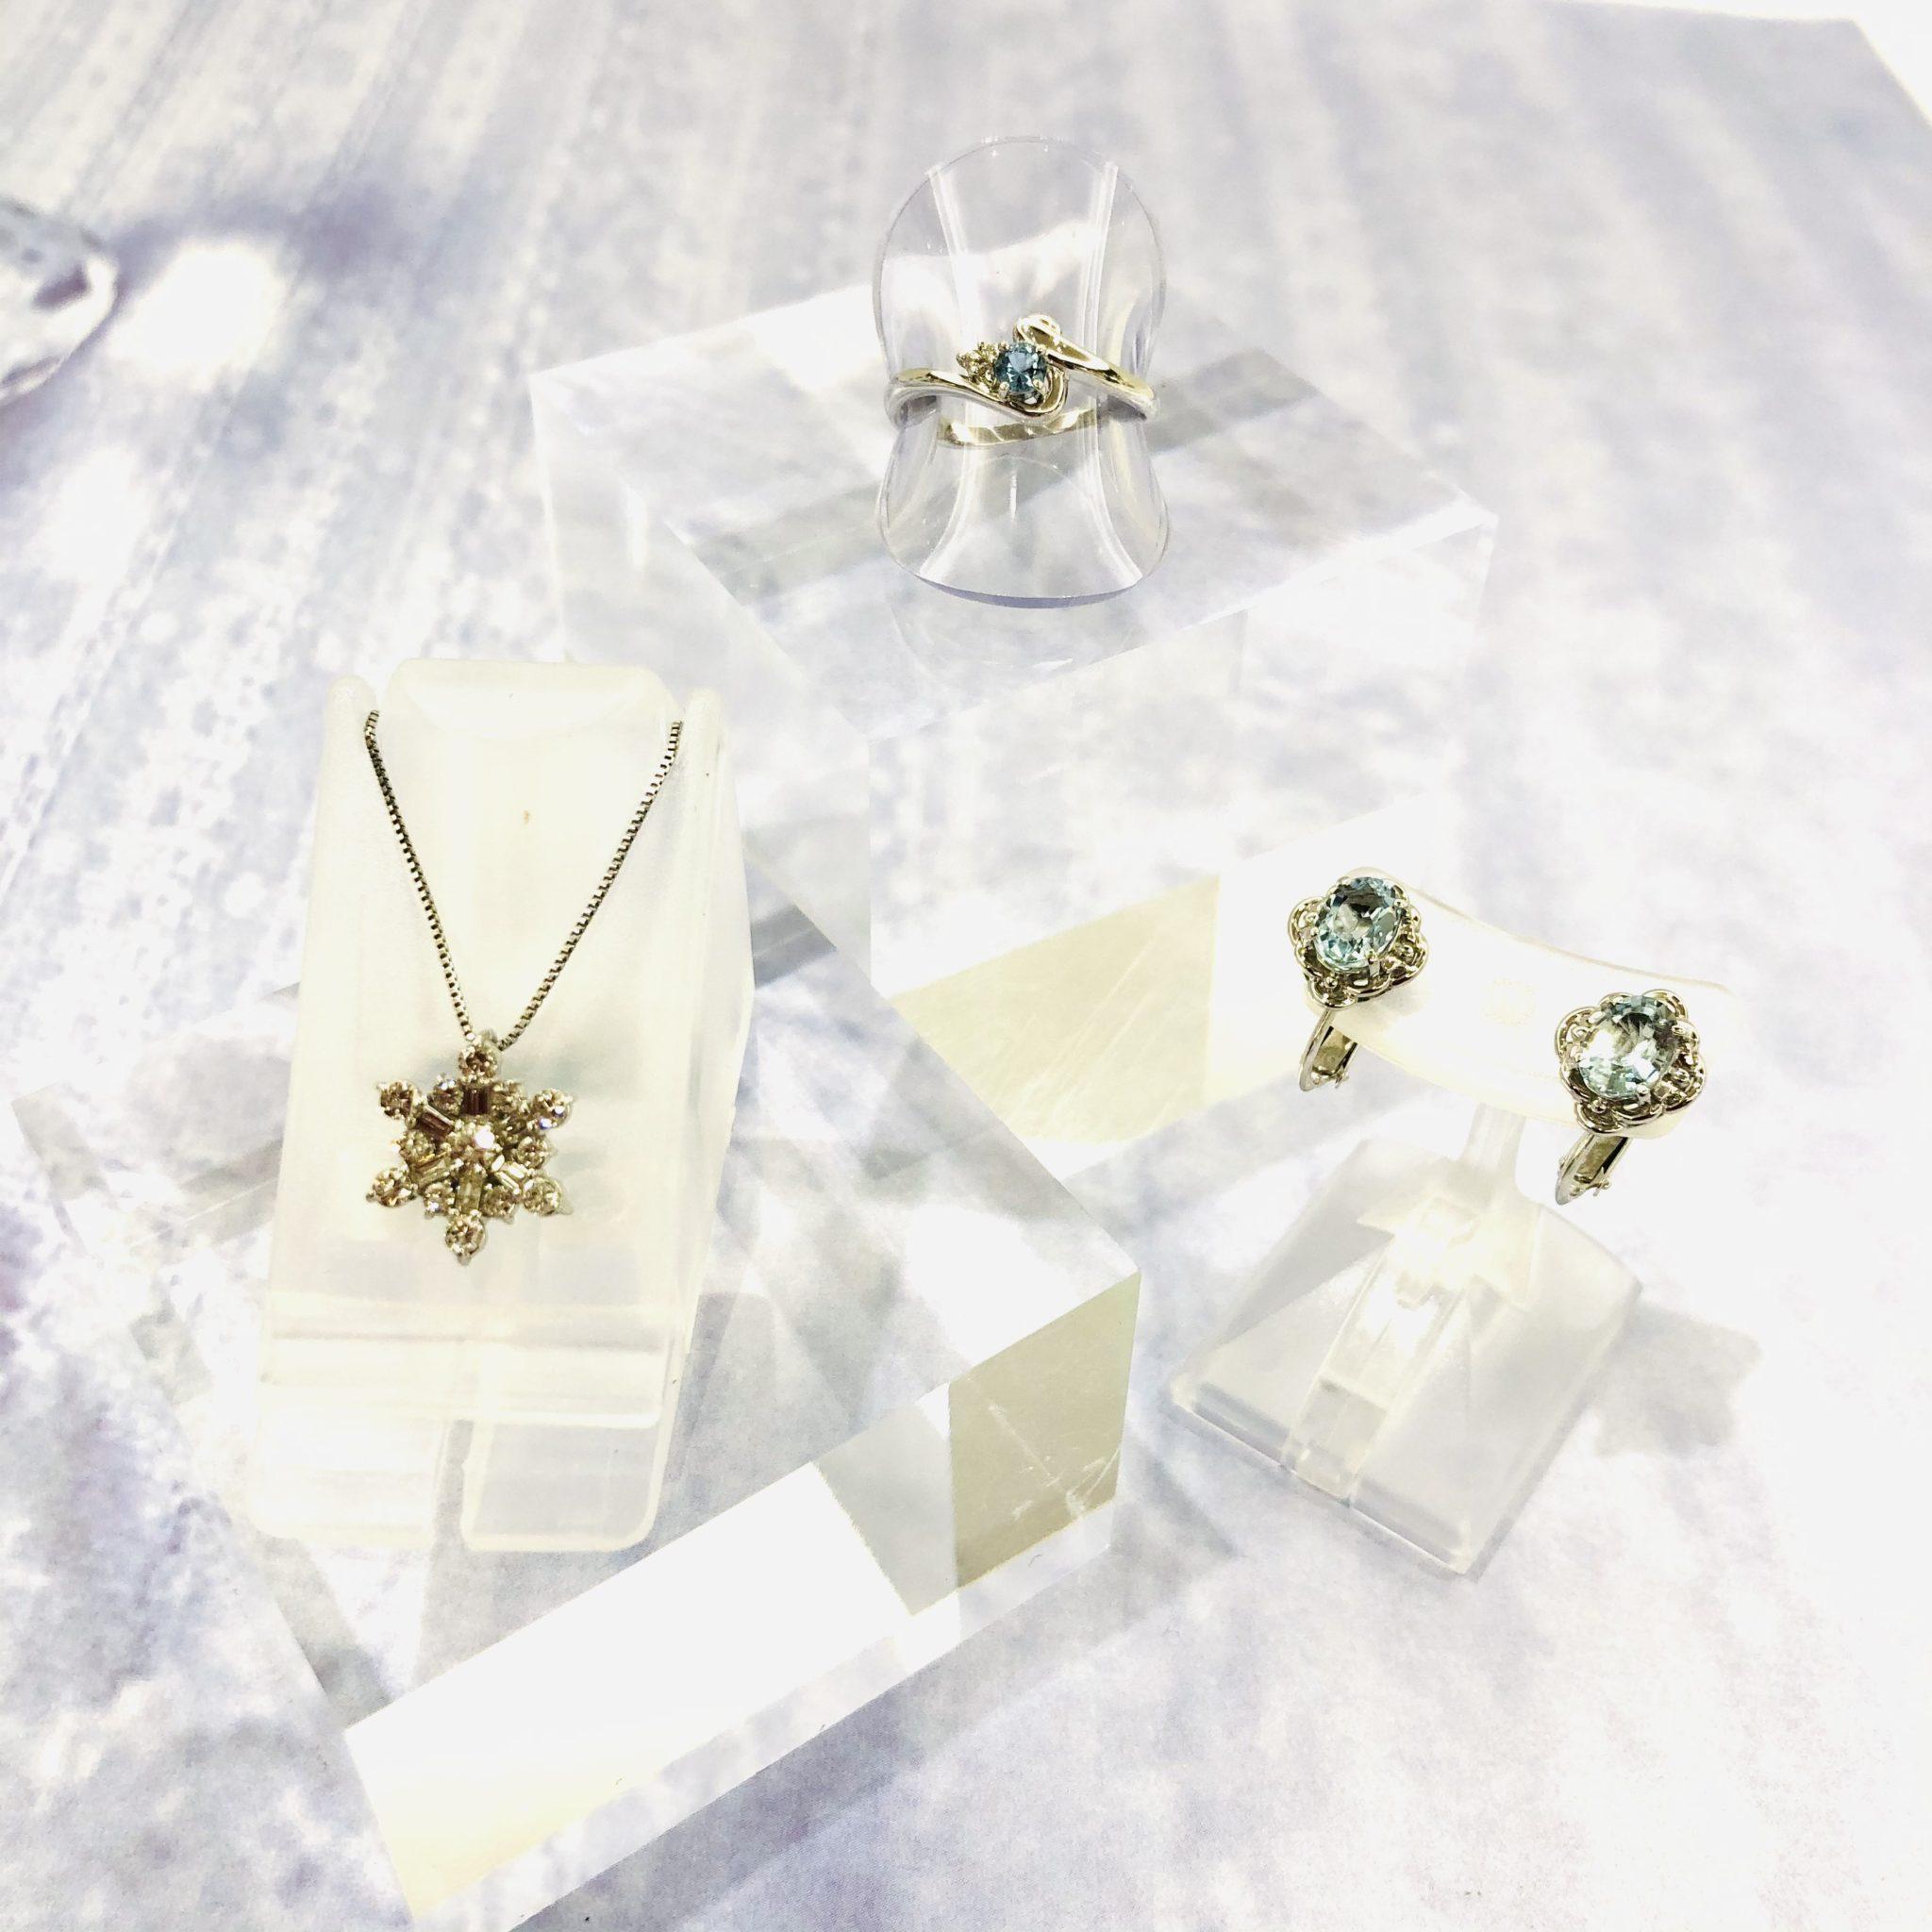 【ジュエリー 販売 盛岡】雪の結晶のモチーフ ❄ 澄んだライトブルーのイヤリング・リング